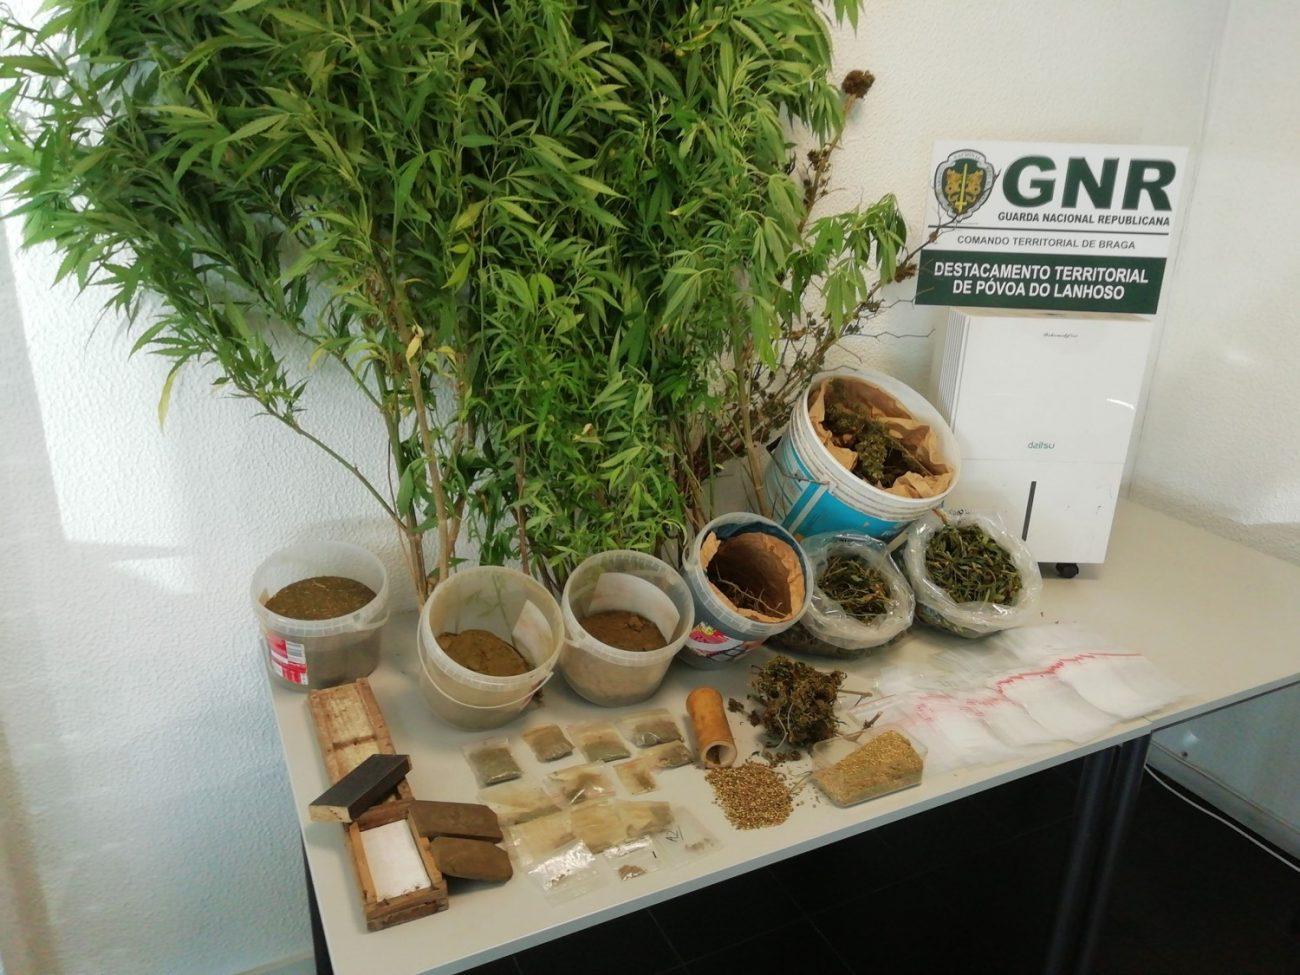 CRIME – GNR de Amares apanha homem com 1 060 doses de droga